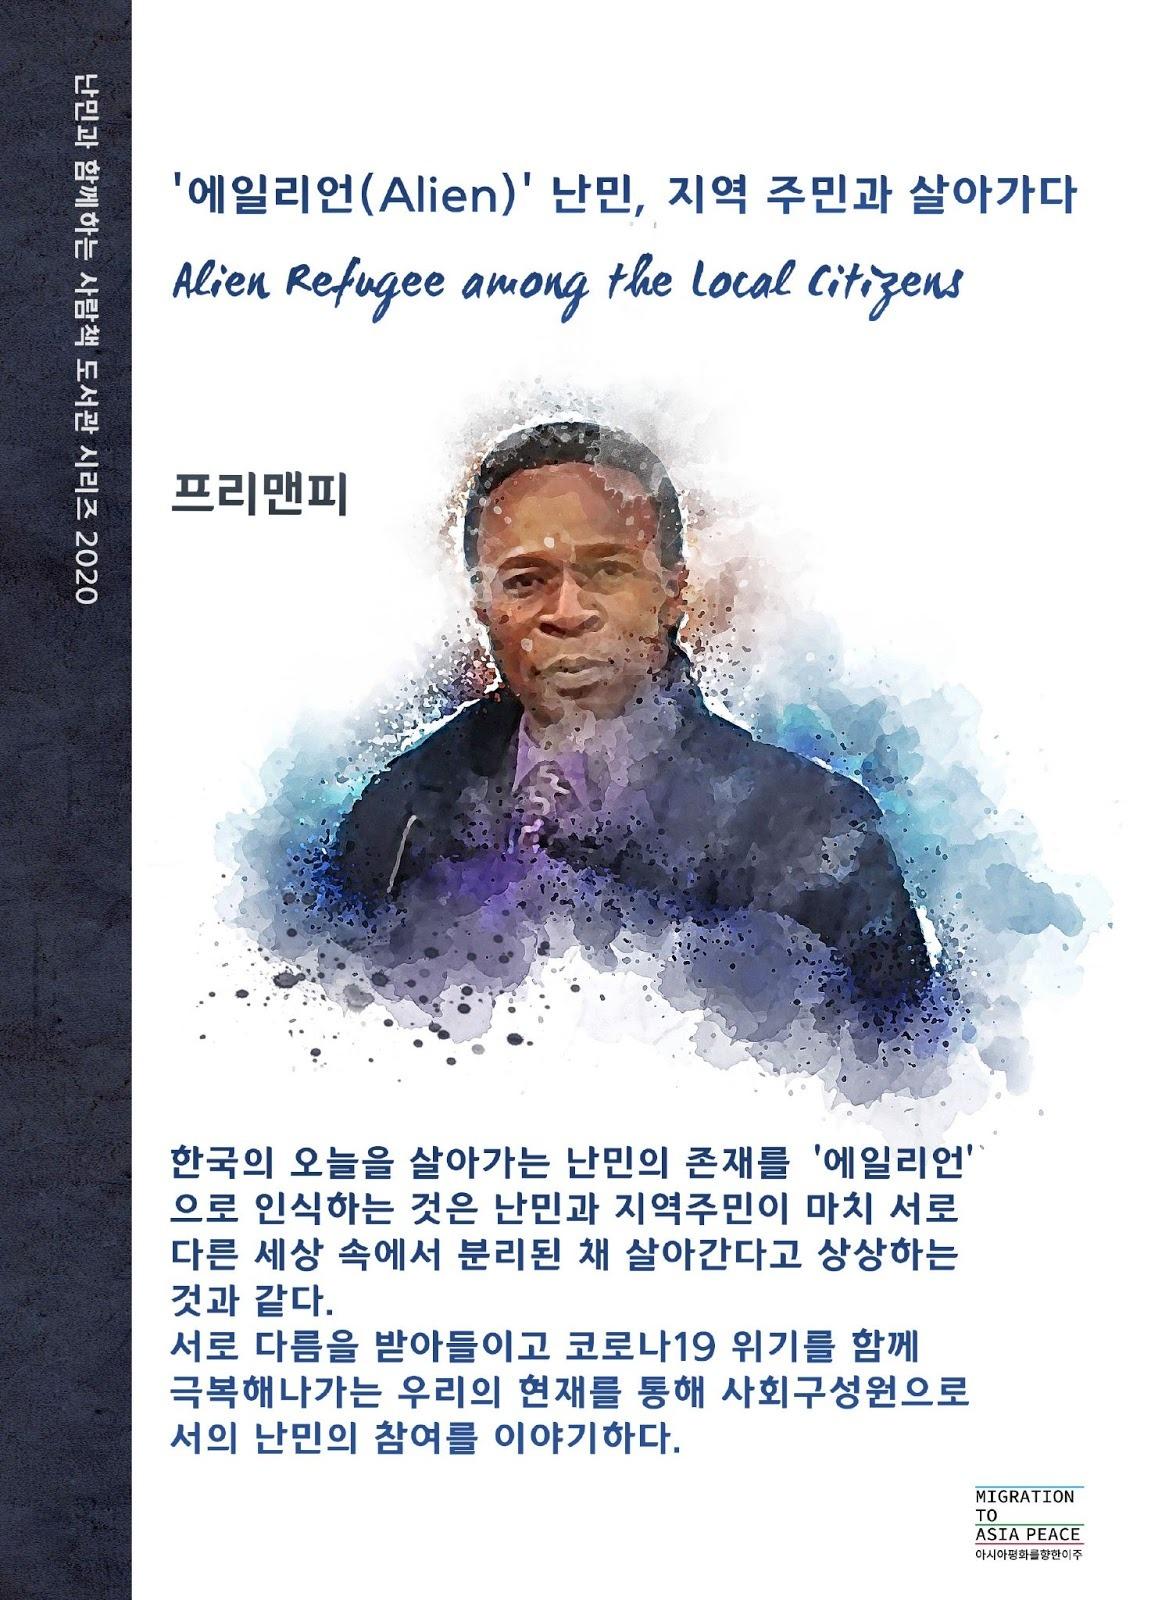 사람책 '프리맨피' 씨의 표지 : 에일리언 난민, 지역 주민과 살아가다